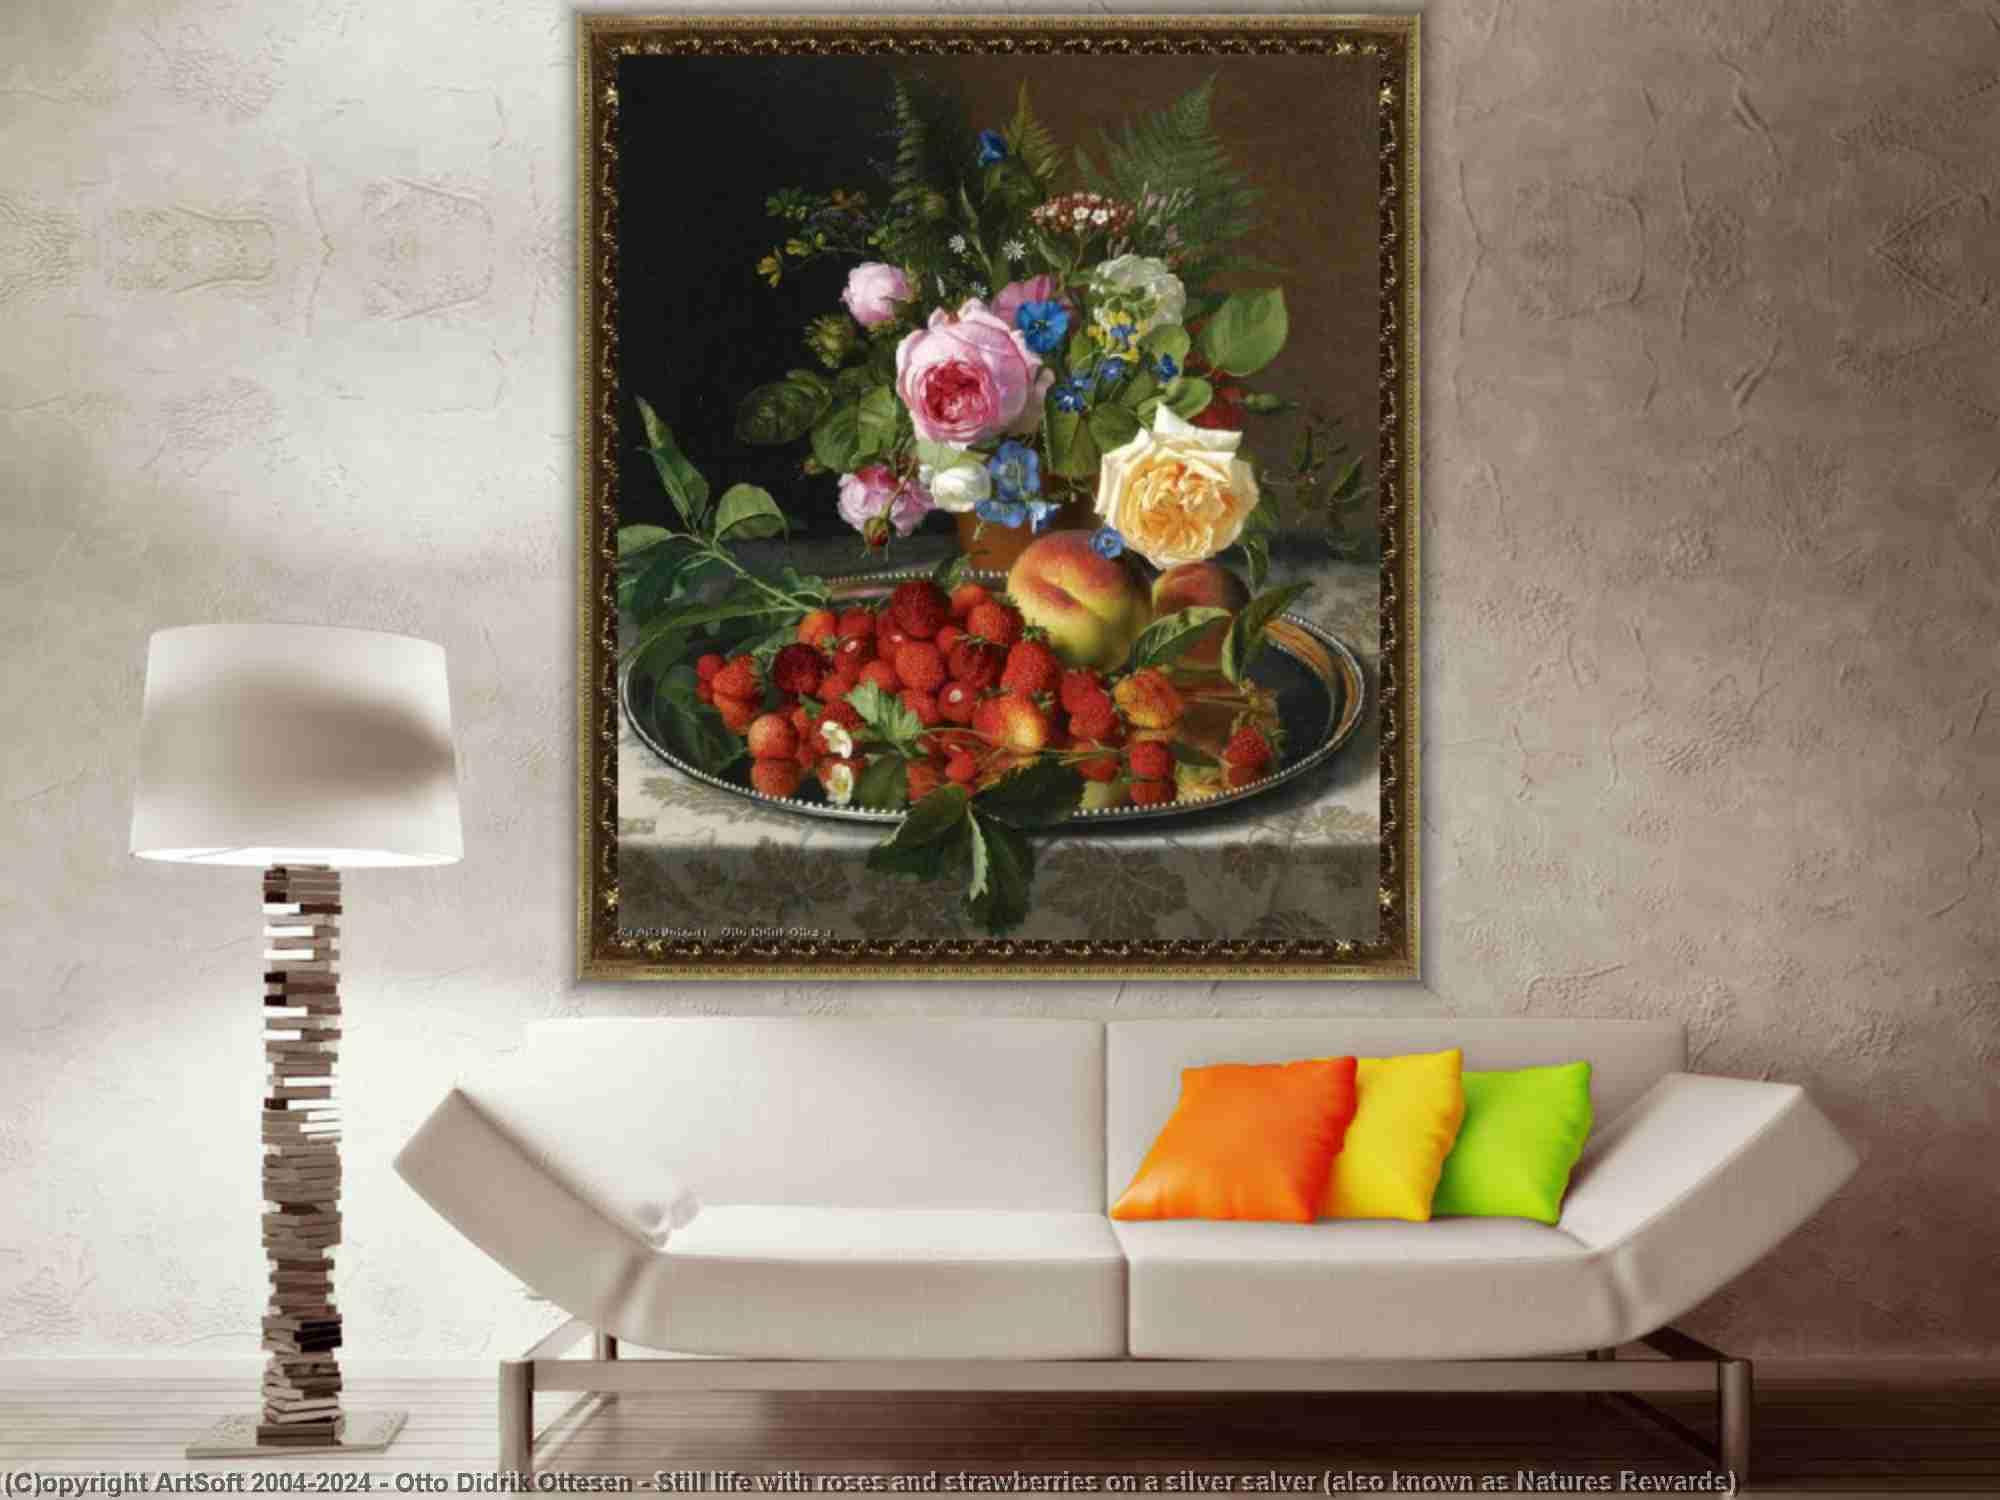 Otto Didrik Ottesen - Nature morte avec roses et les fraises sur une argent salver ( également connu sous le nom Les natures Récompenses )